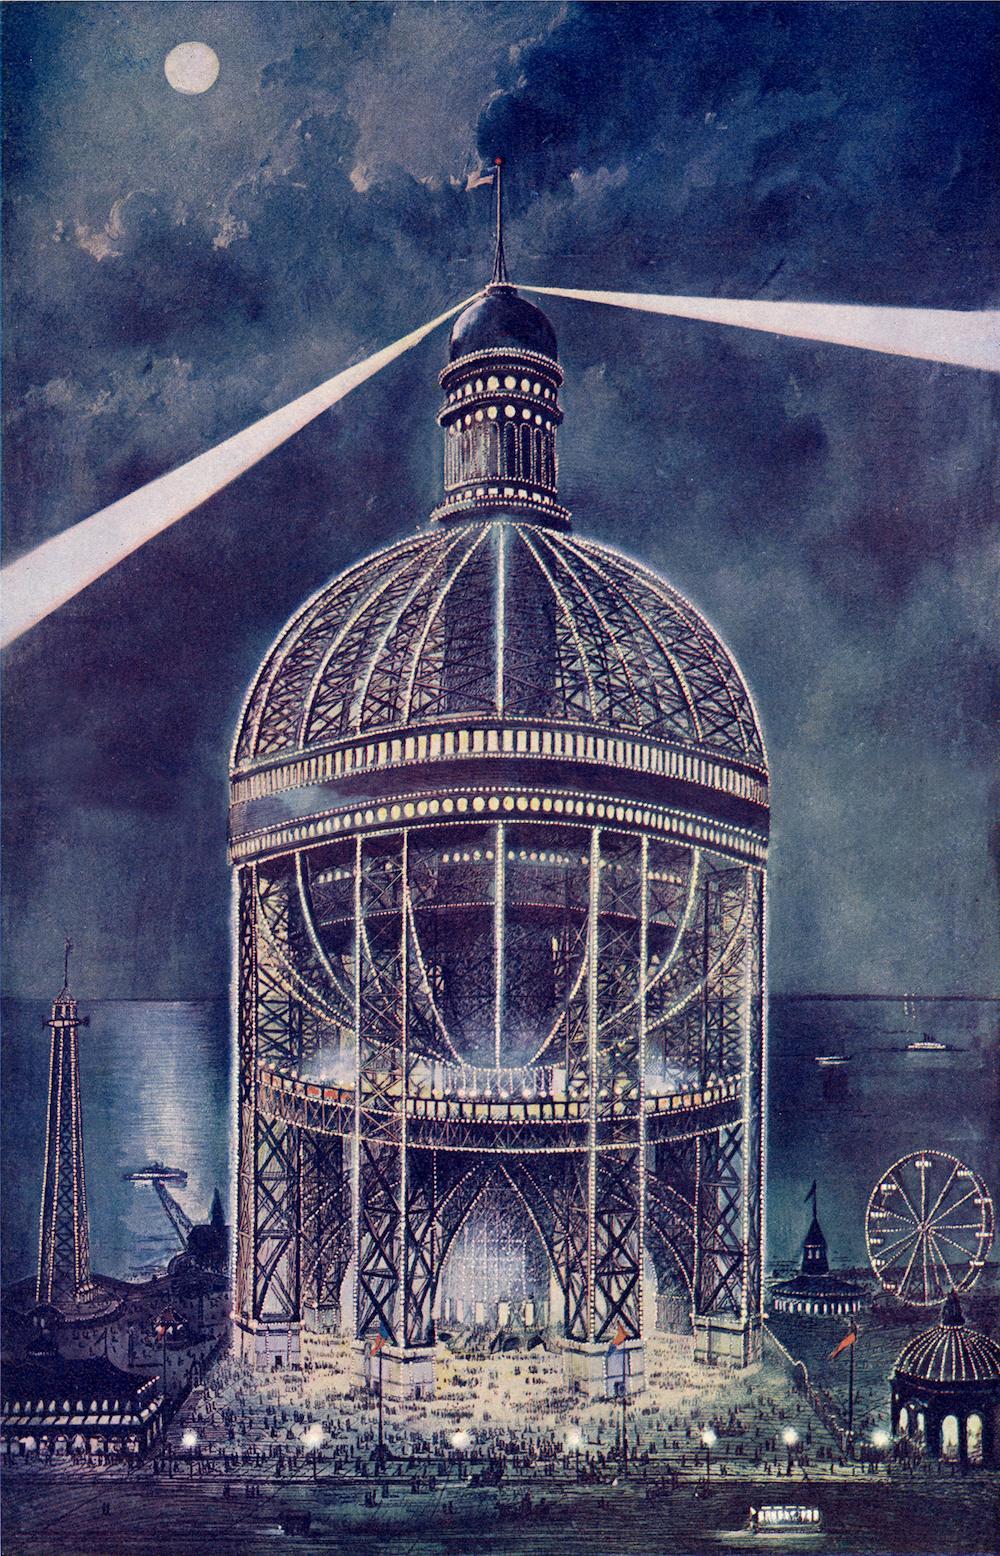 exposition globes_yann rocher_cite architecture patrimoine sciences